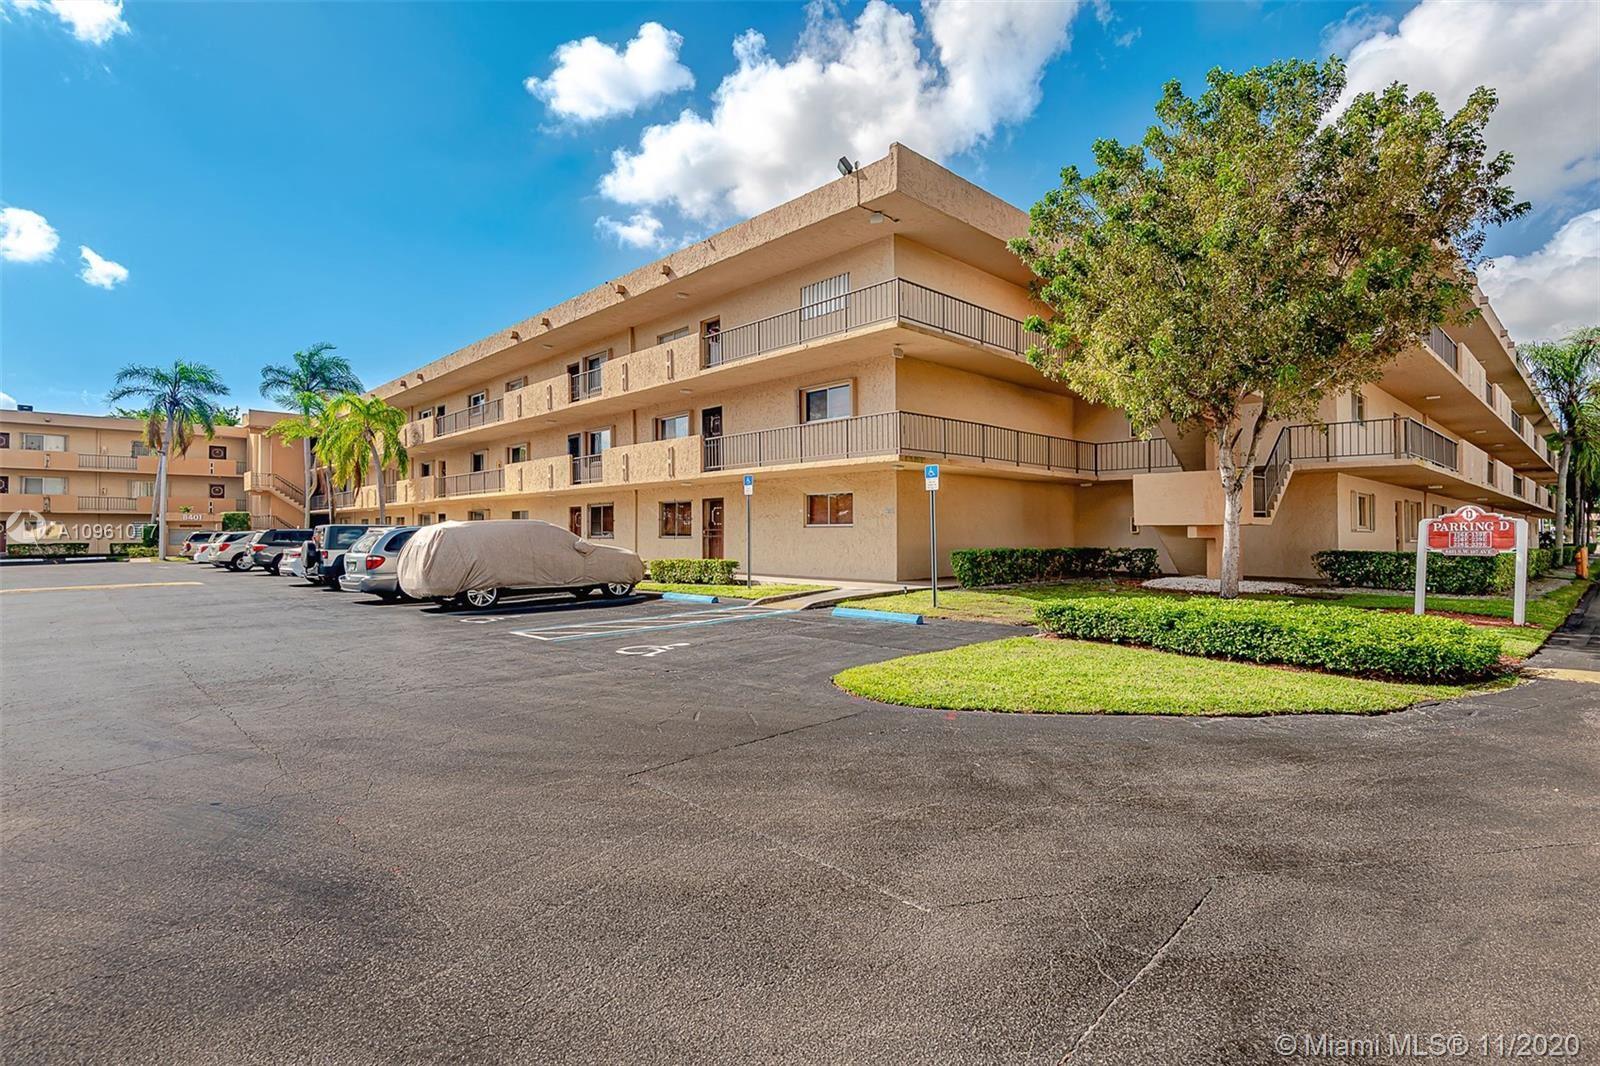 8401 SW 107th Ave #328E, Miami, FL 33173 - #: A10961017